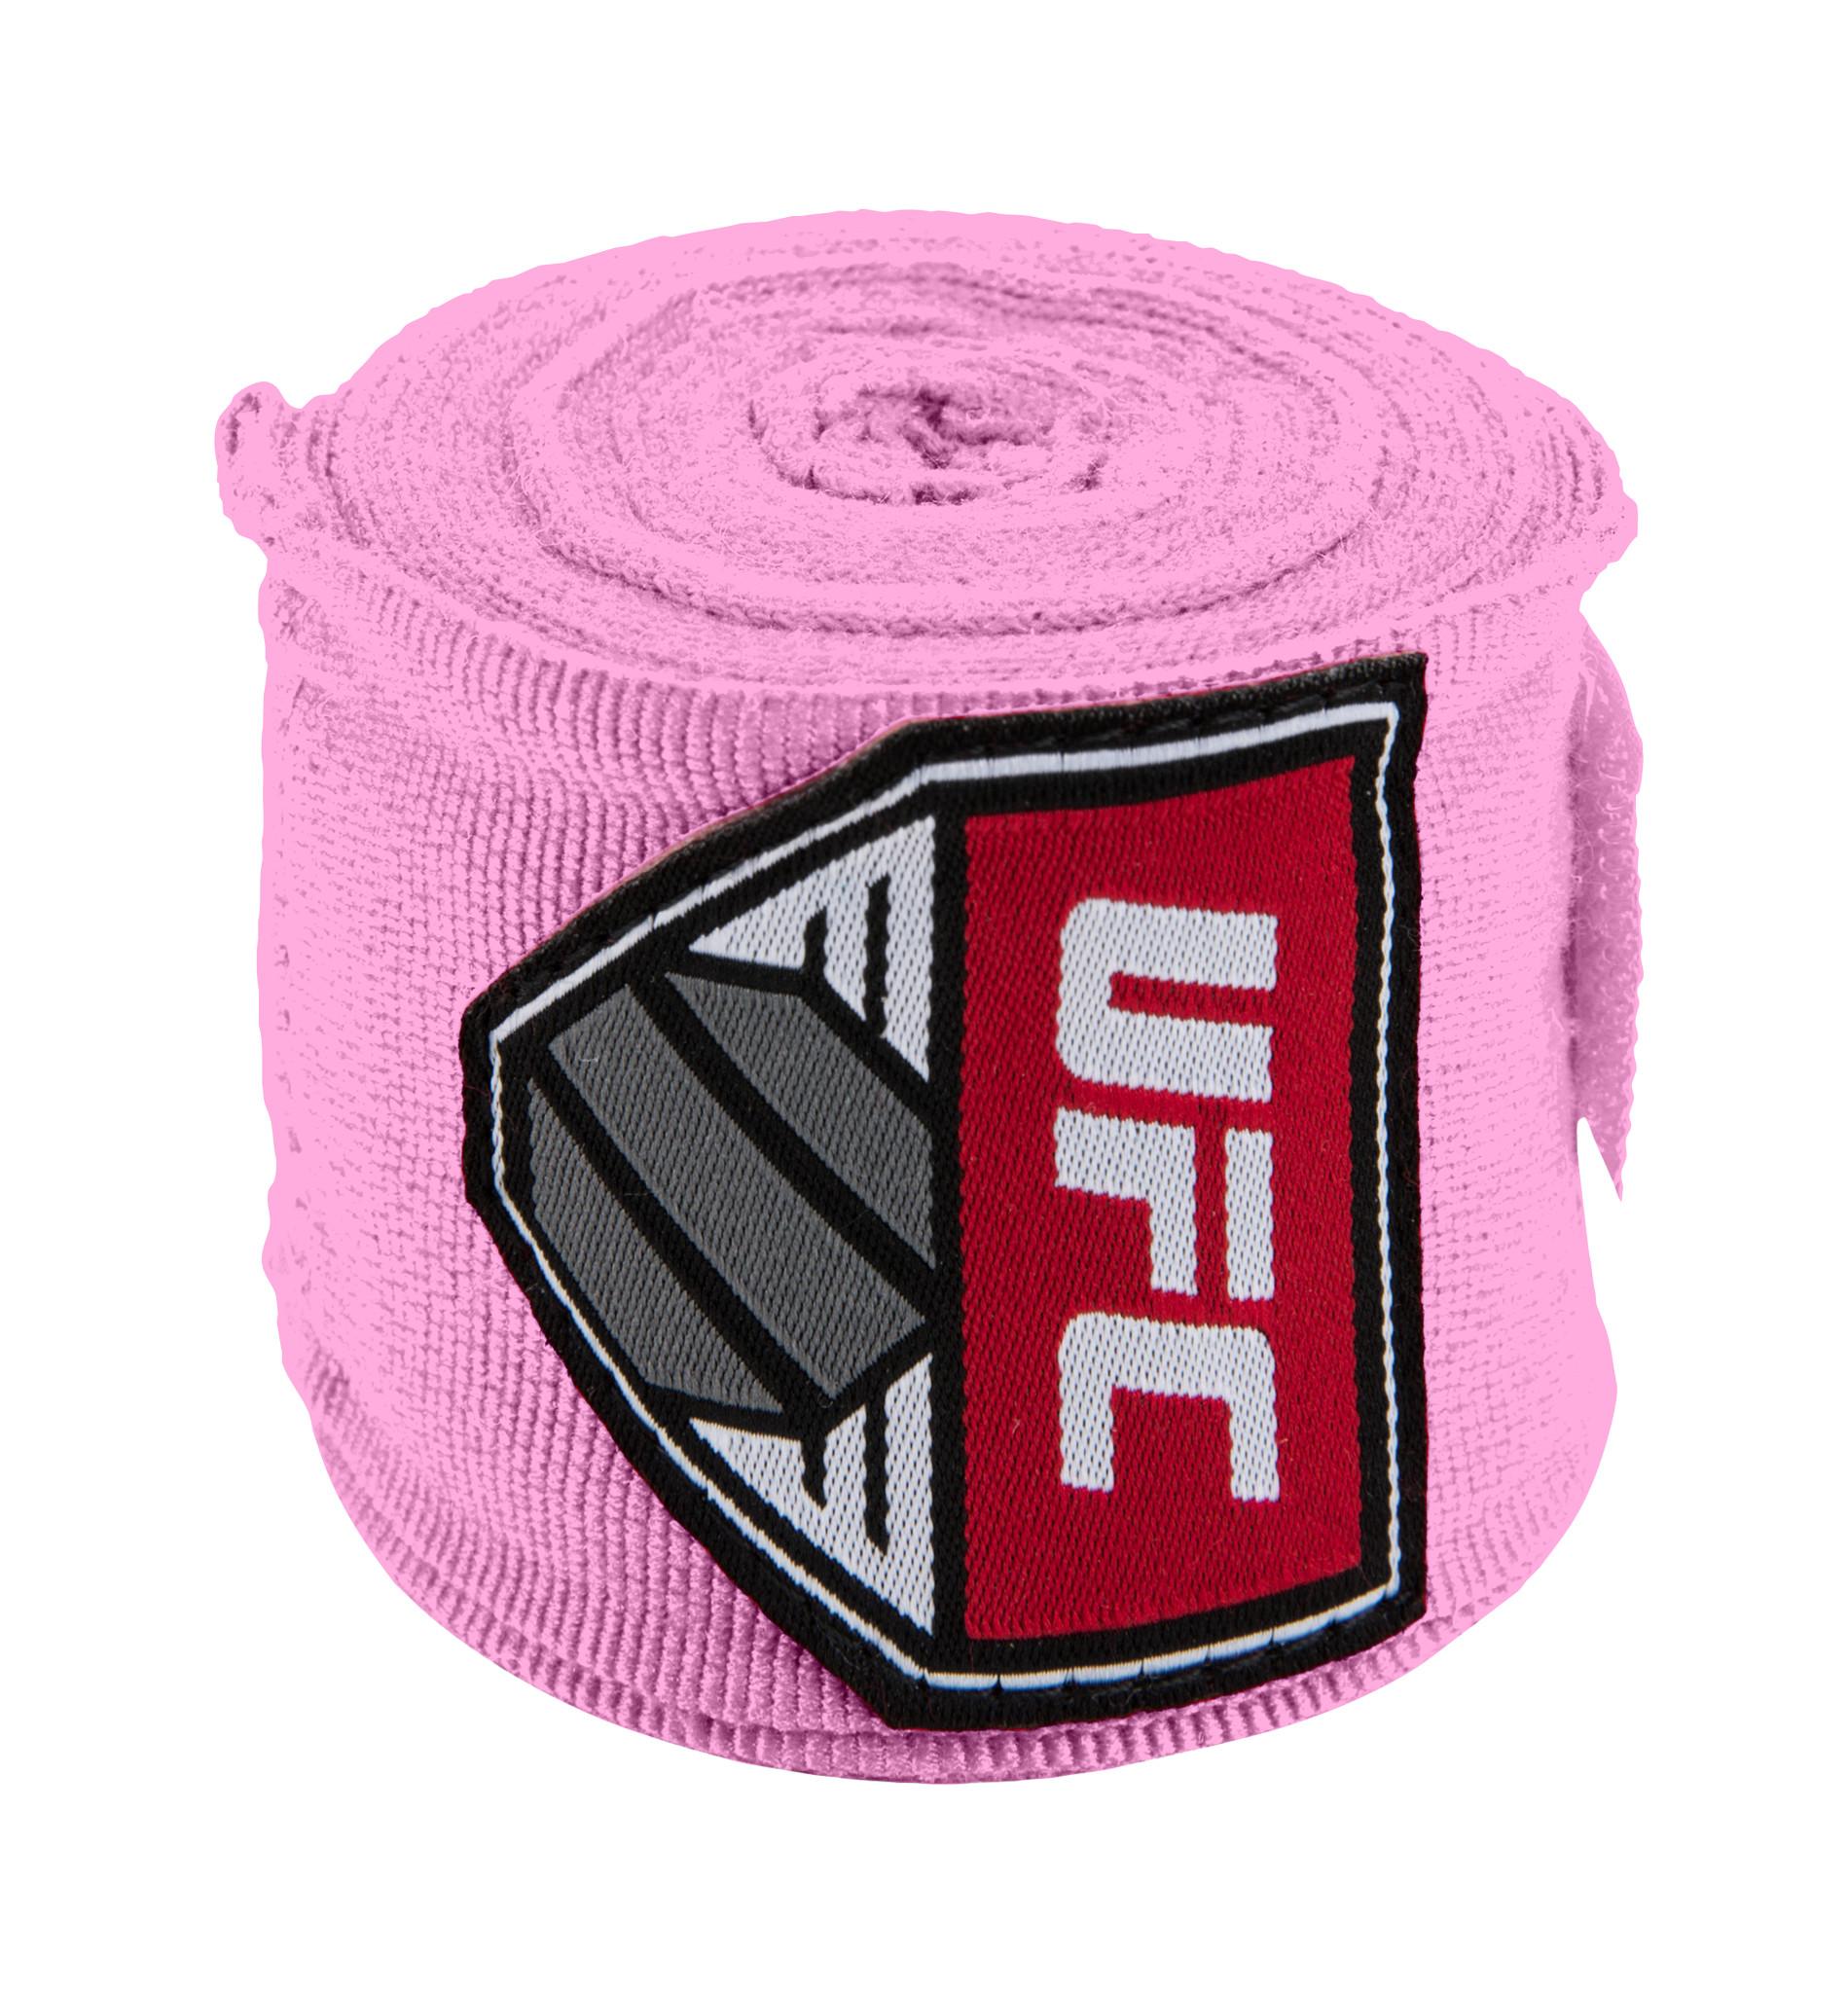 Băng quấn - Màu hồng - Contender Hand Wraps - Mã 944101-UFC, Hiệu UFC